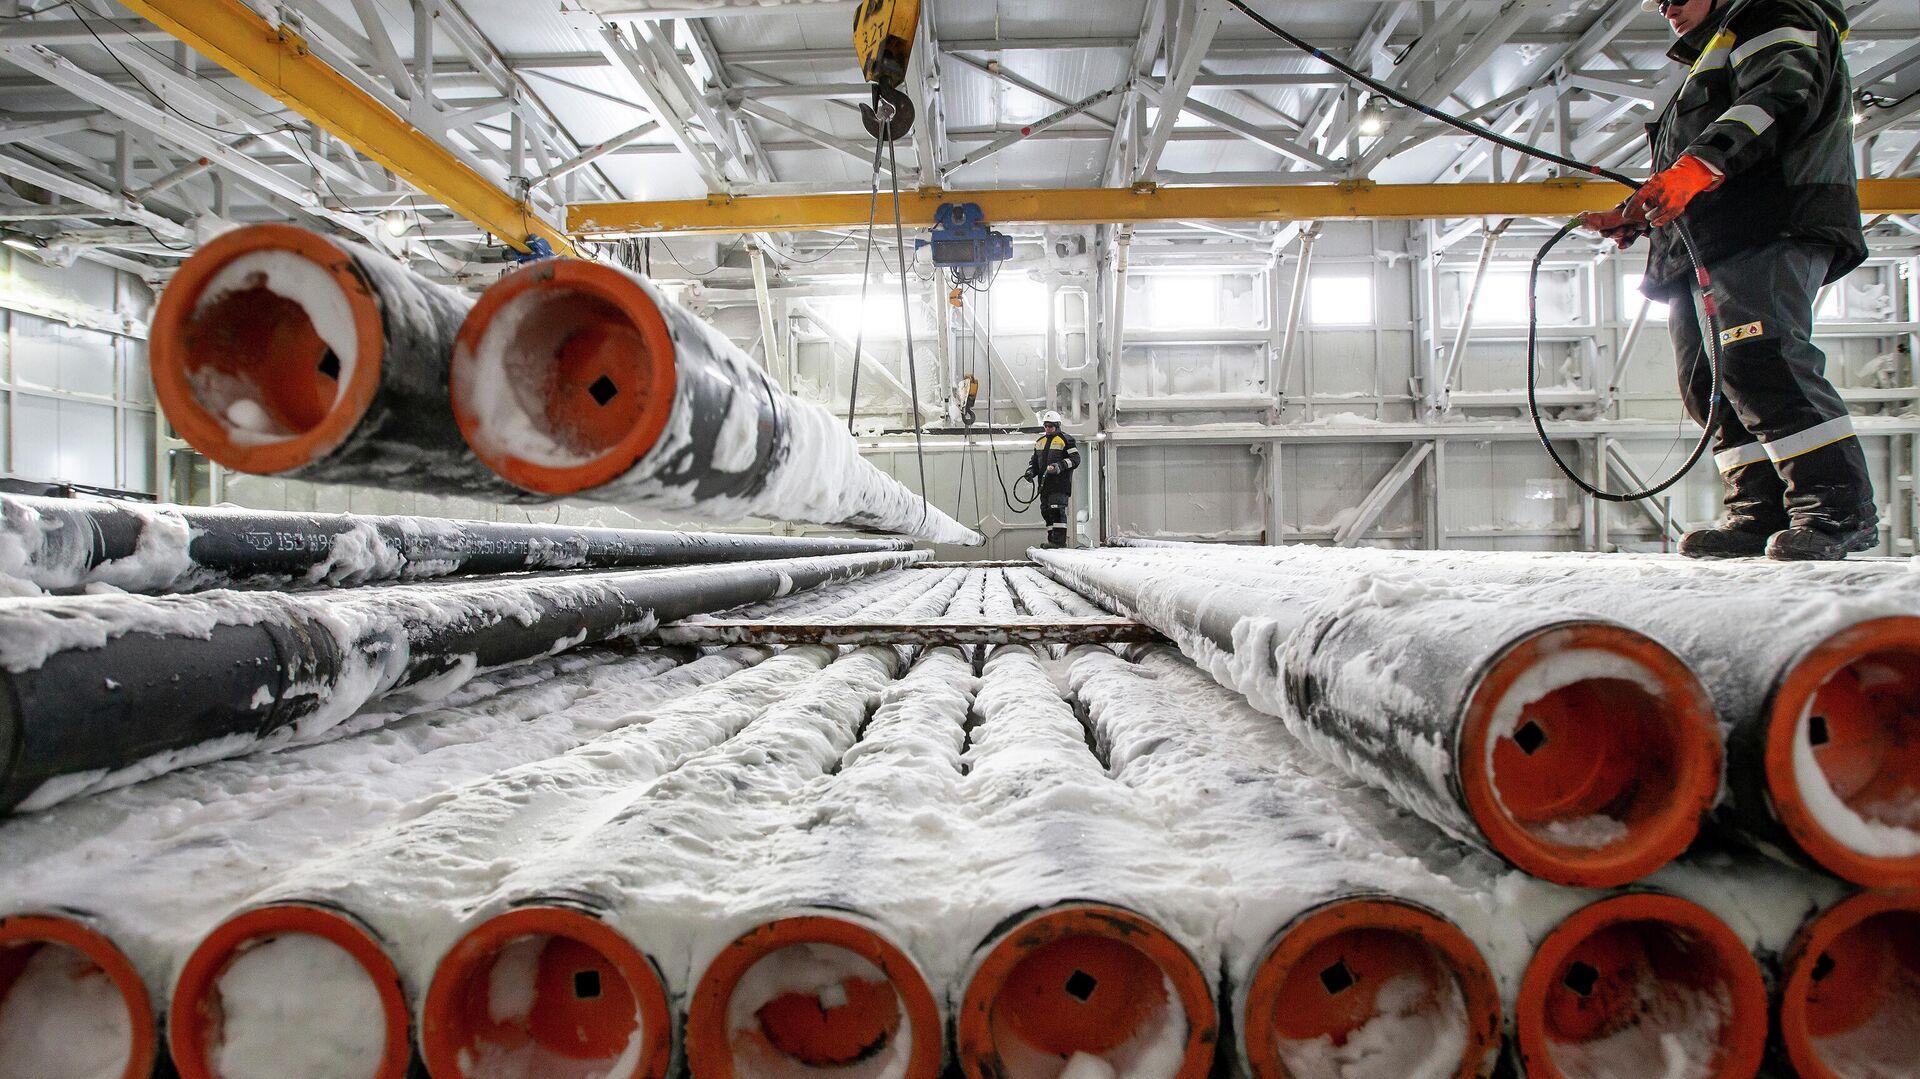 Рабочие на нефтеперерабатывющем заводе - РИА Новости, 1920, 11.05.2021